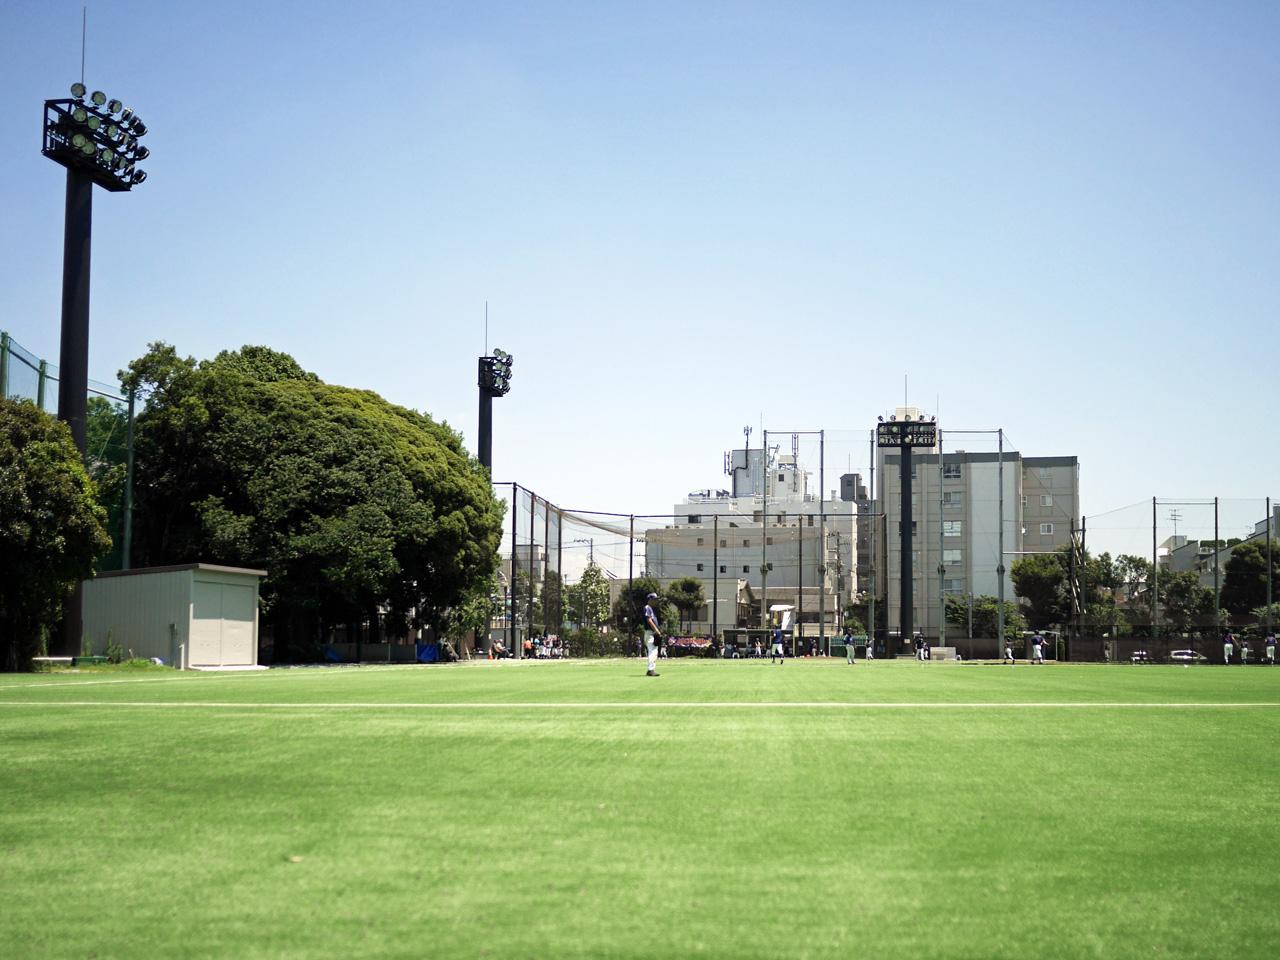 哲学堂公園の野球場